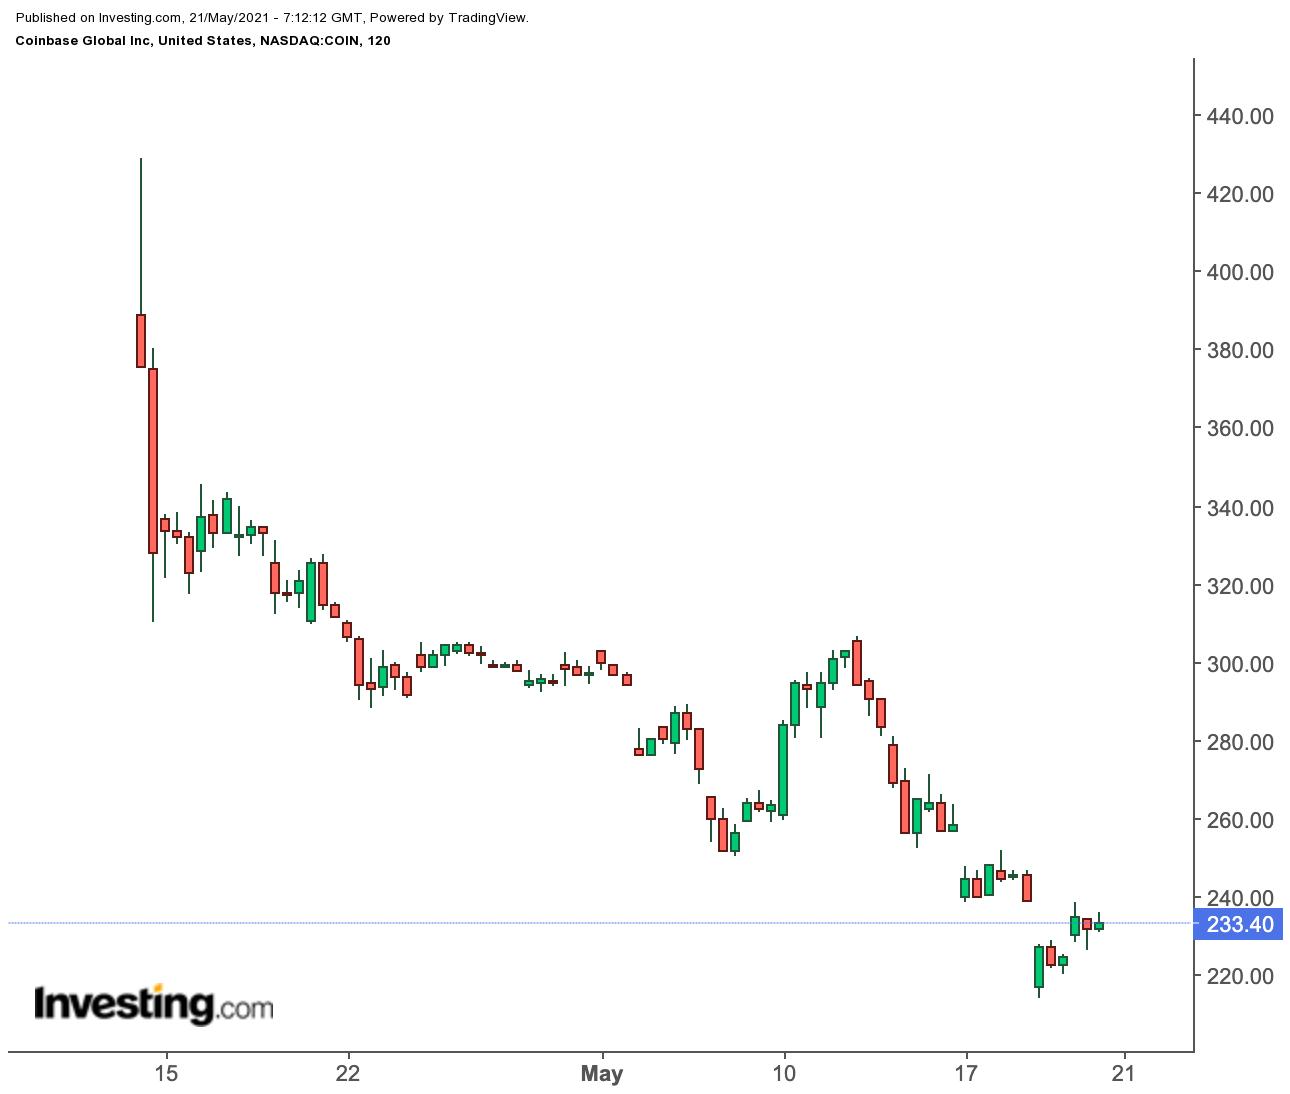 Кэти Вуд скупает акции Coinbase. Стоит ли разделять ее оптимизм?